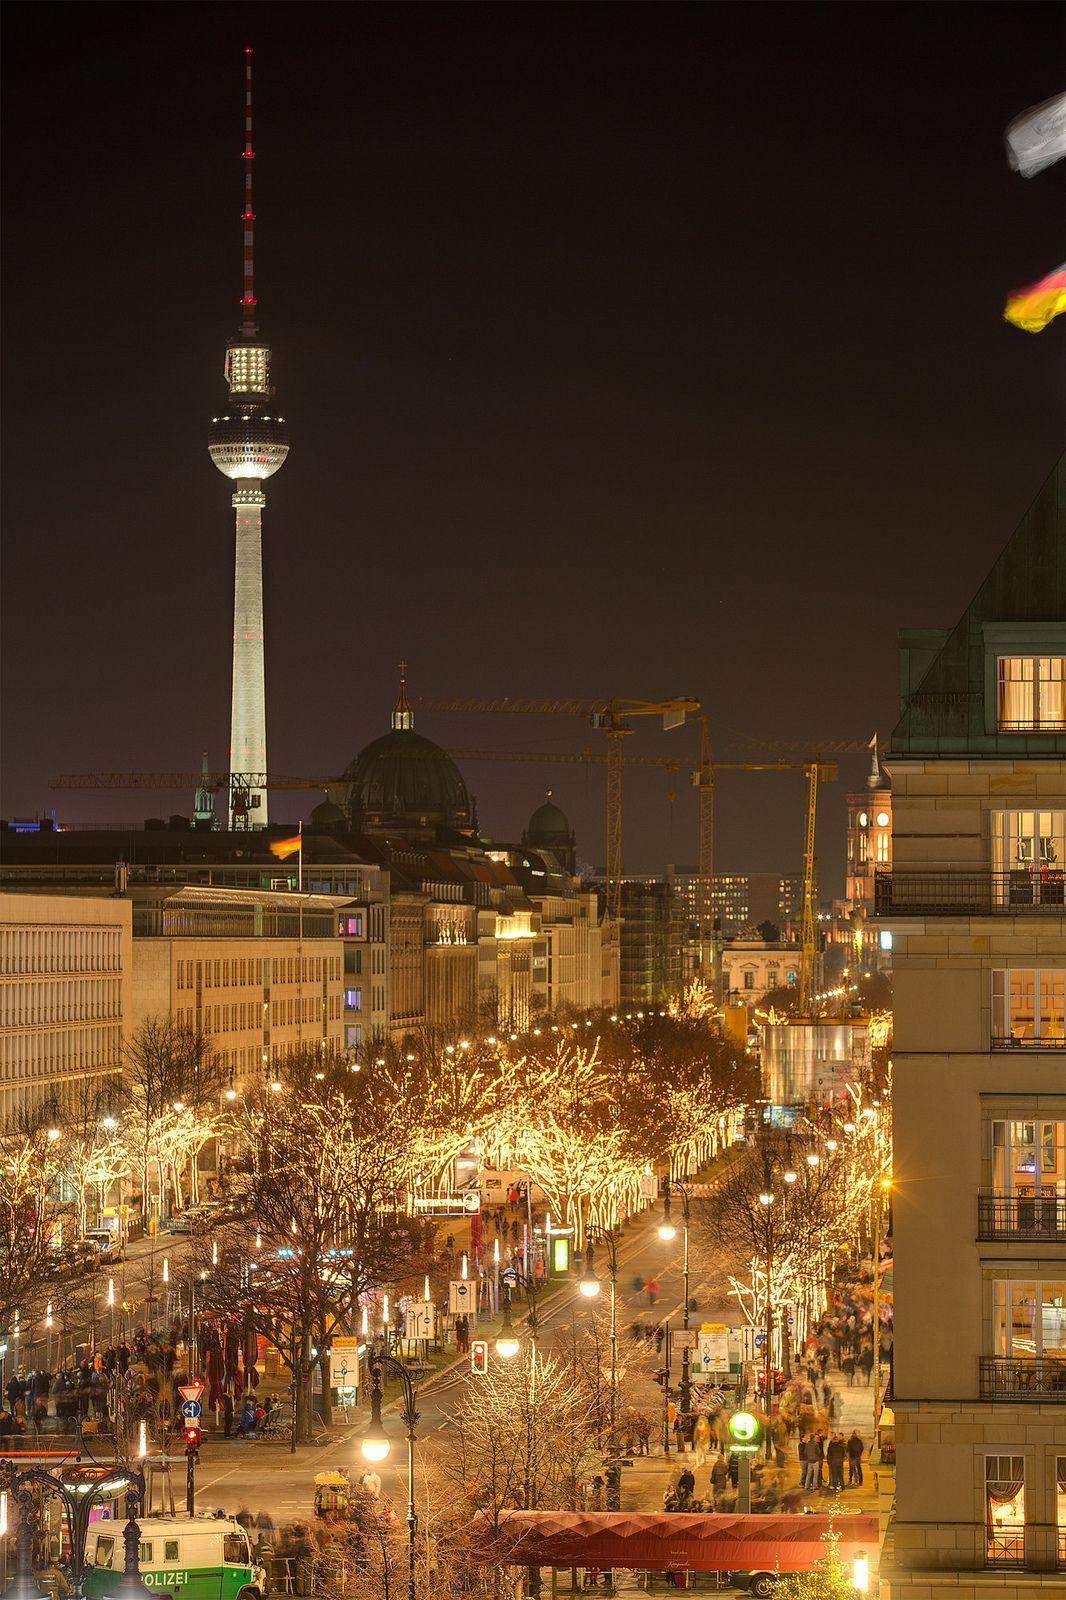 Unter Den Linden Unter Den Linden Boulevard 2 Berlin Berlin Today Berlin Christmas